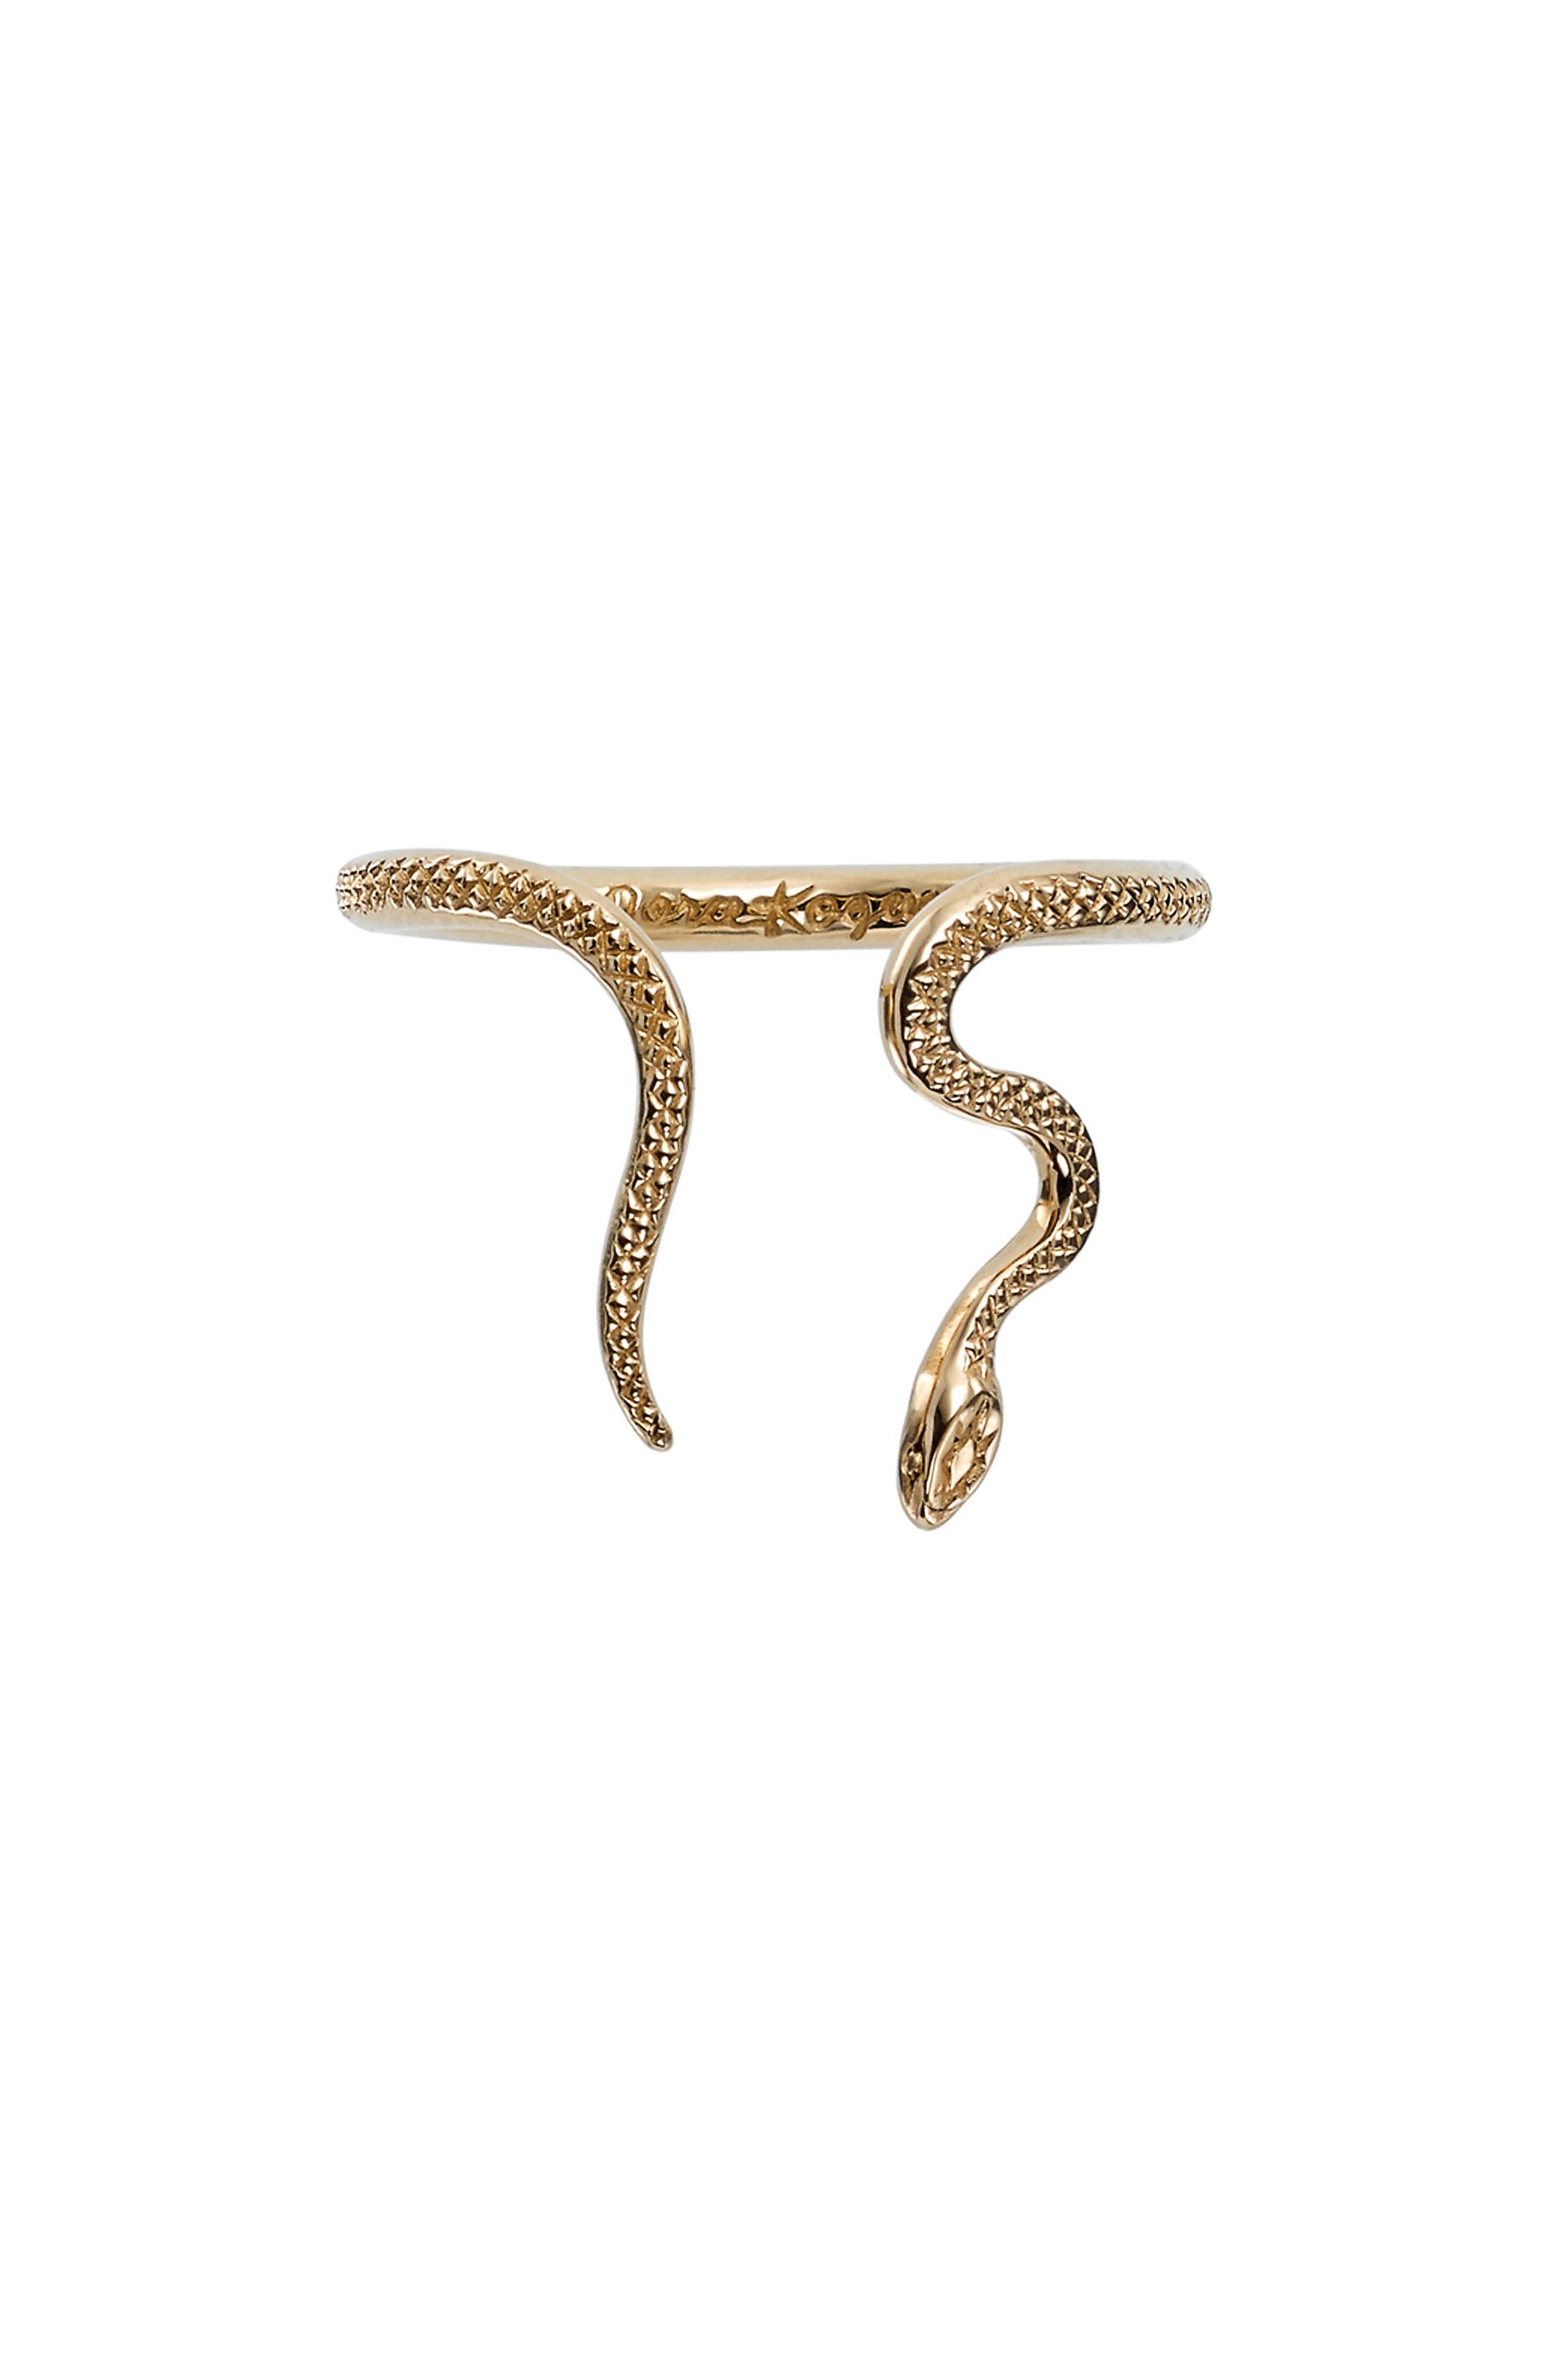 Alternate Image 1 Selected - Nora Kogan Alexandra Snake Ring